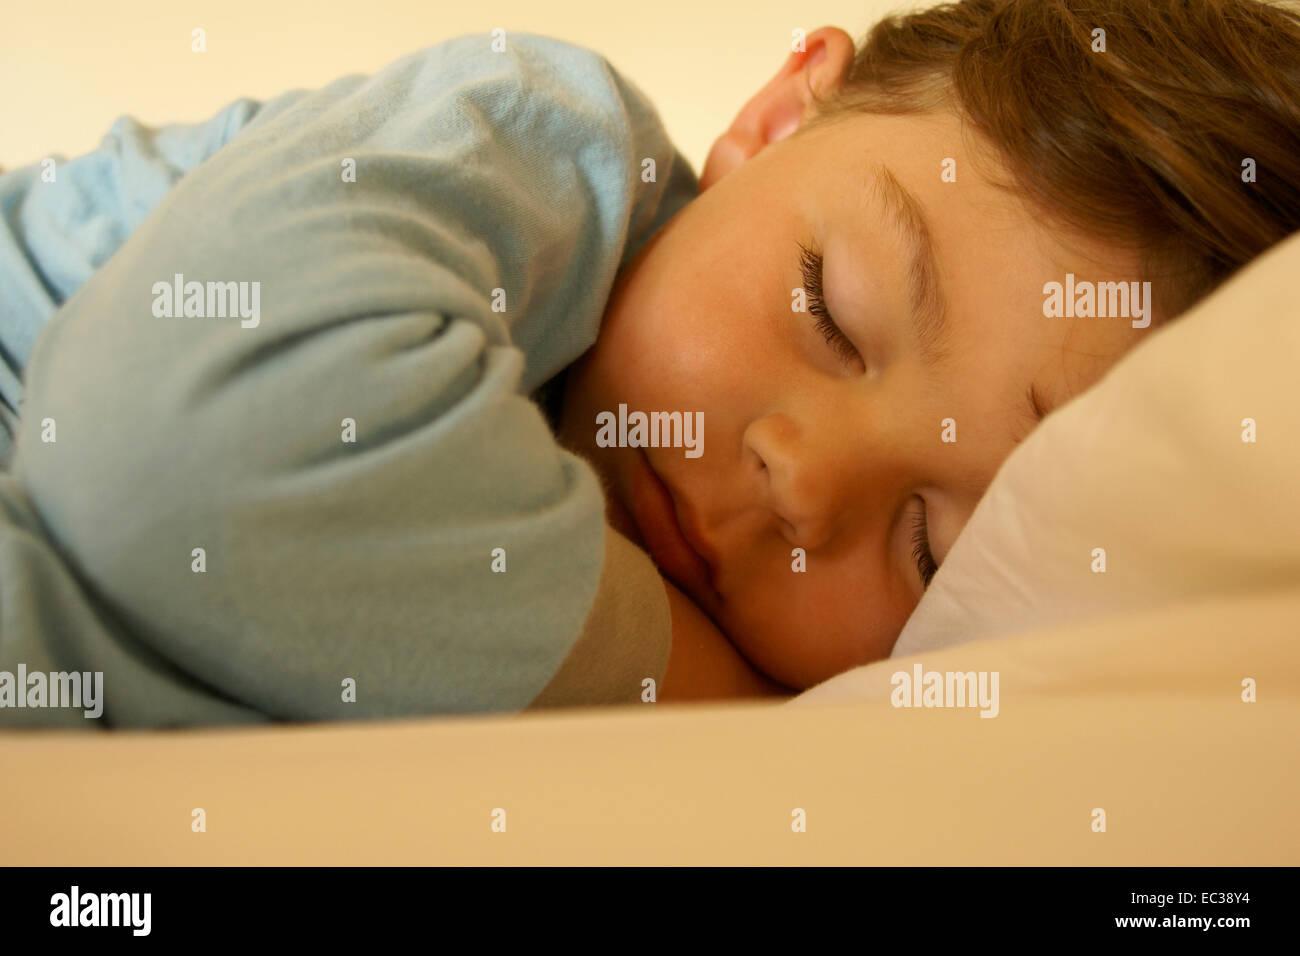 Niño durmiendo pacíficamente Imagen De Stock